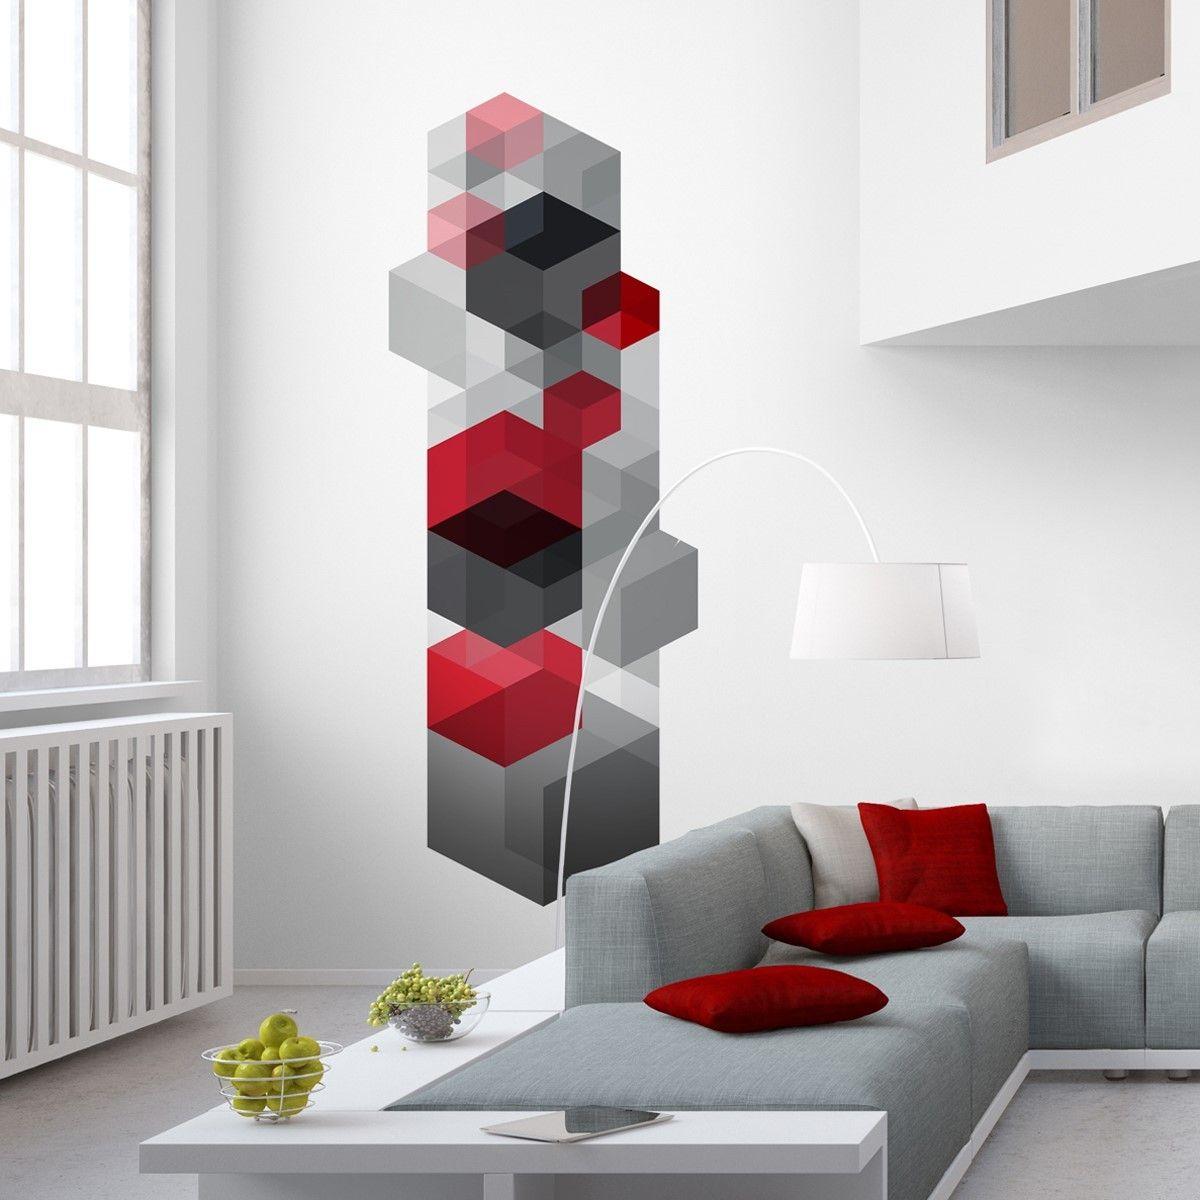 Papier peint cube design trompe l 39 oeil papier peint Salon mur rouge et gris